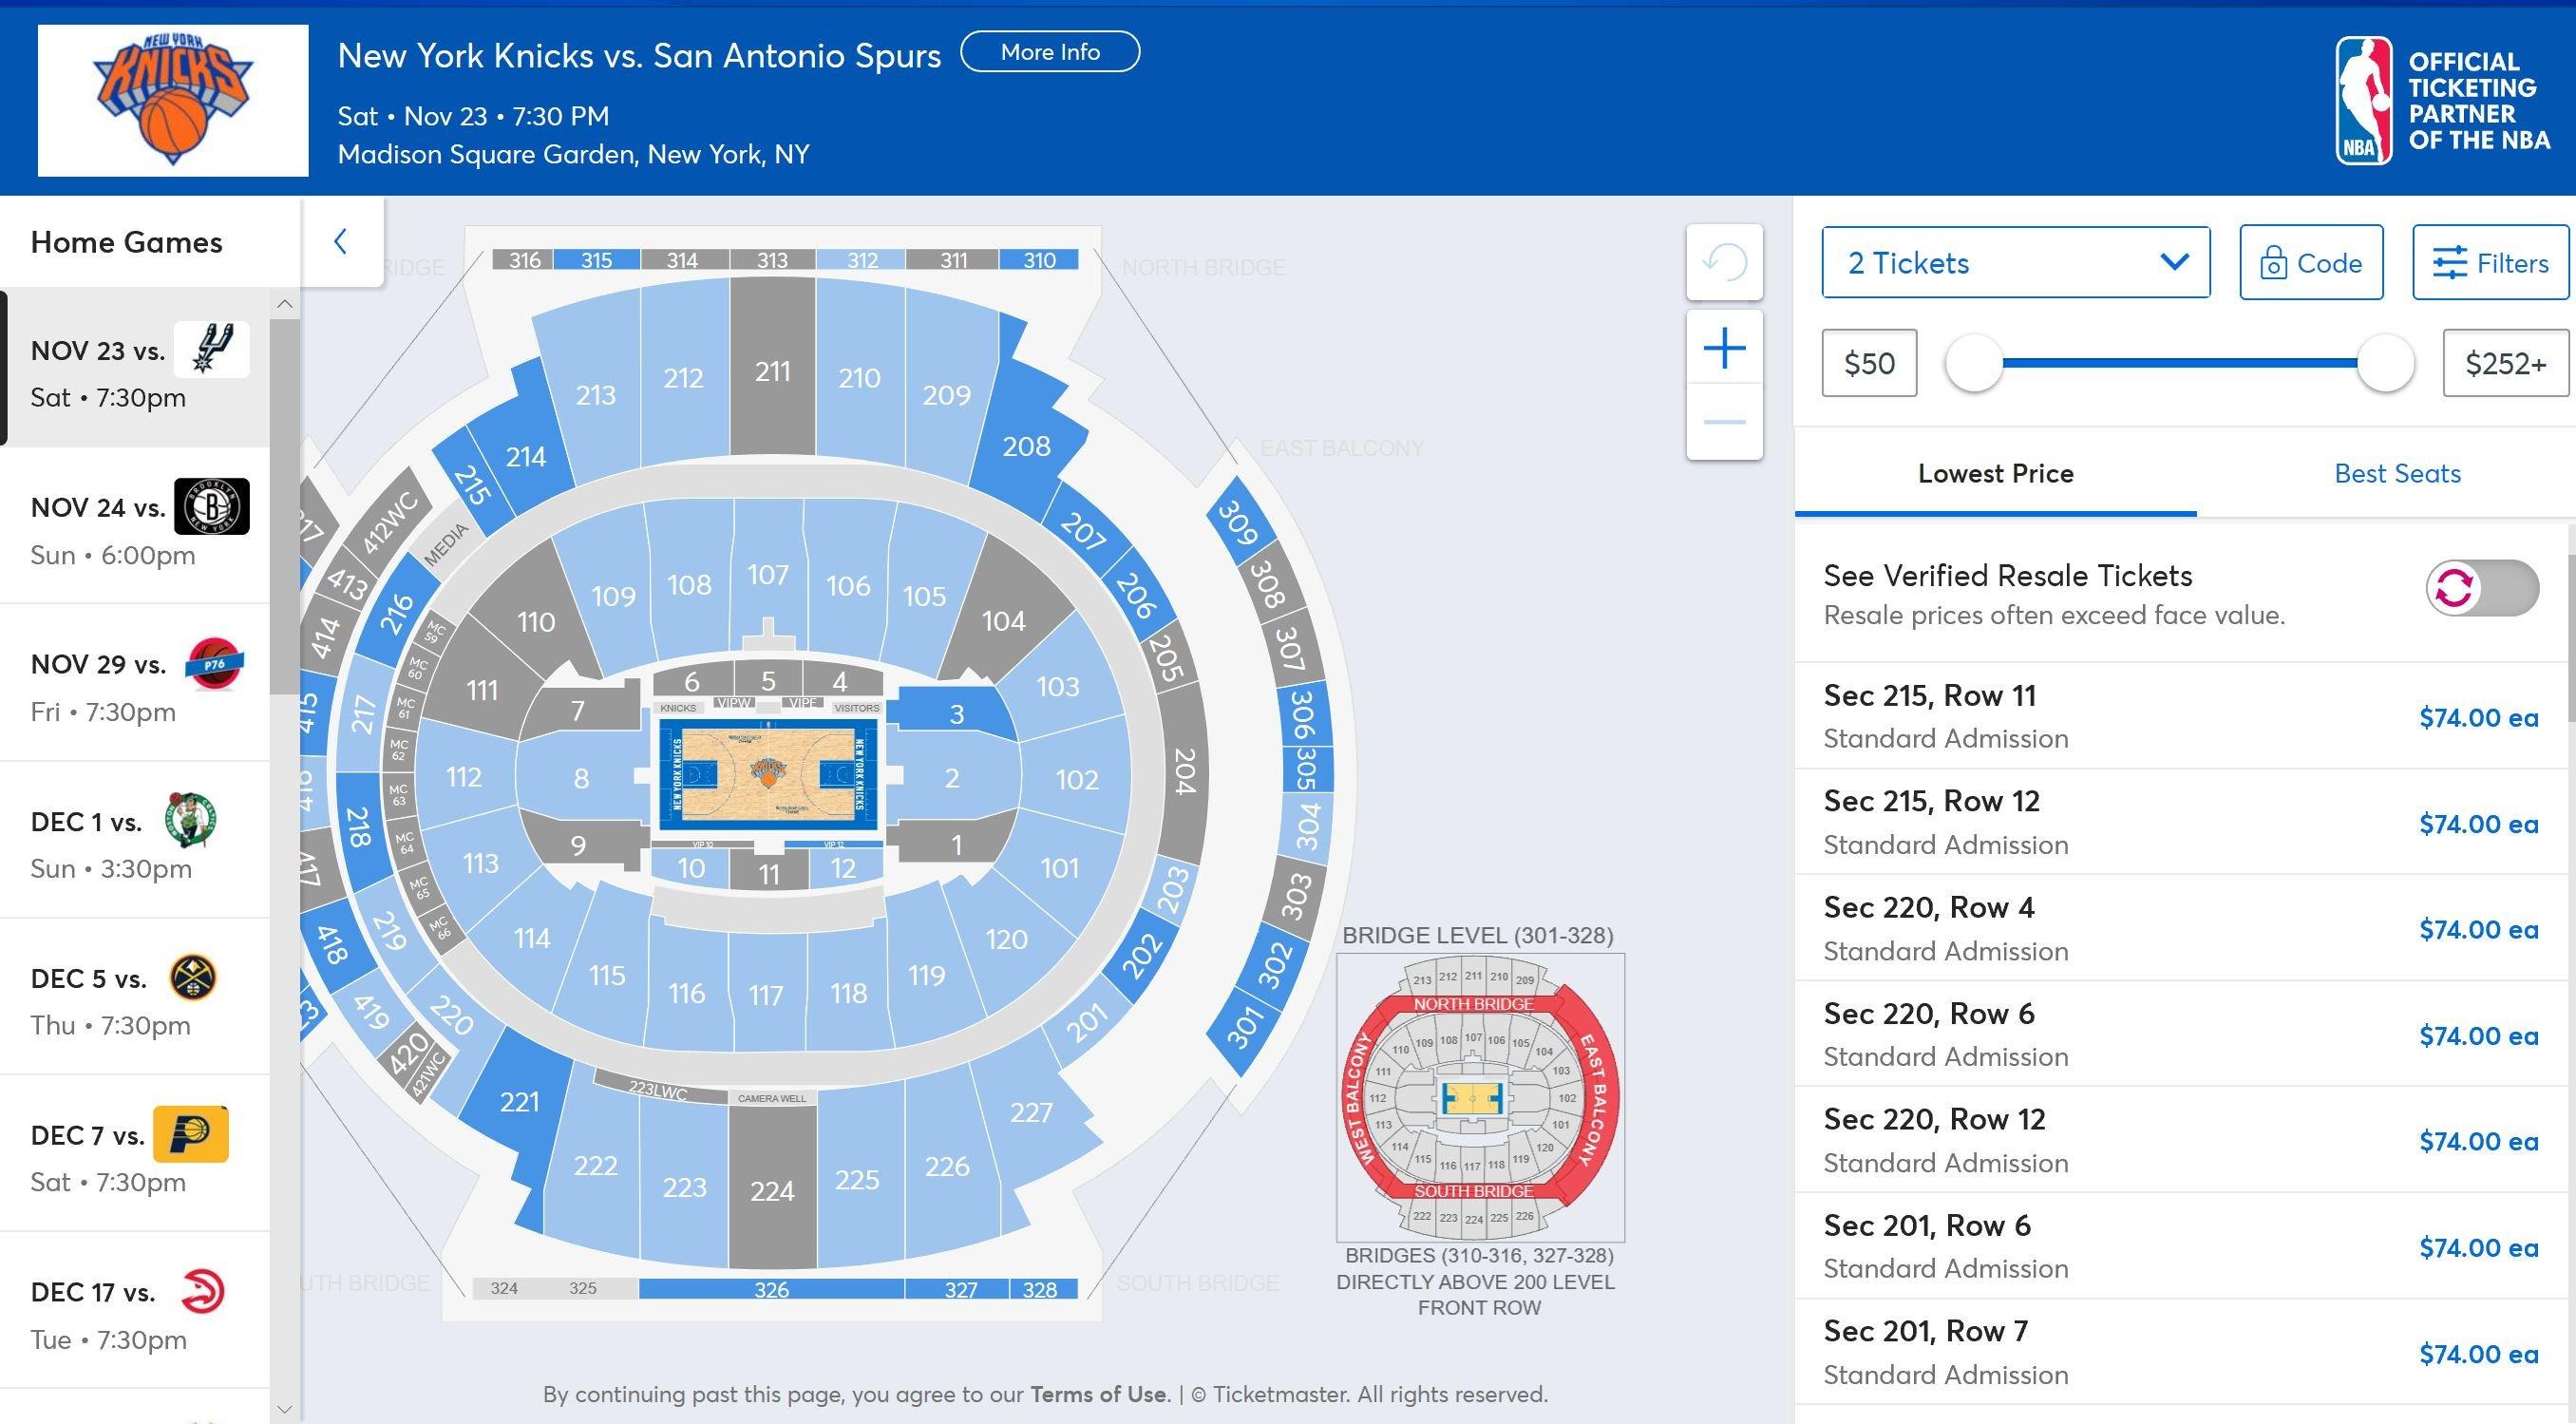 Comprare i biglietti per i New York Knicks